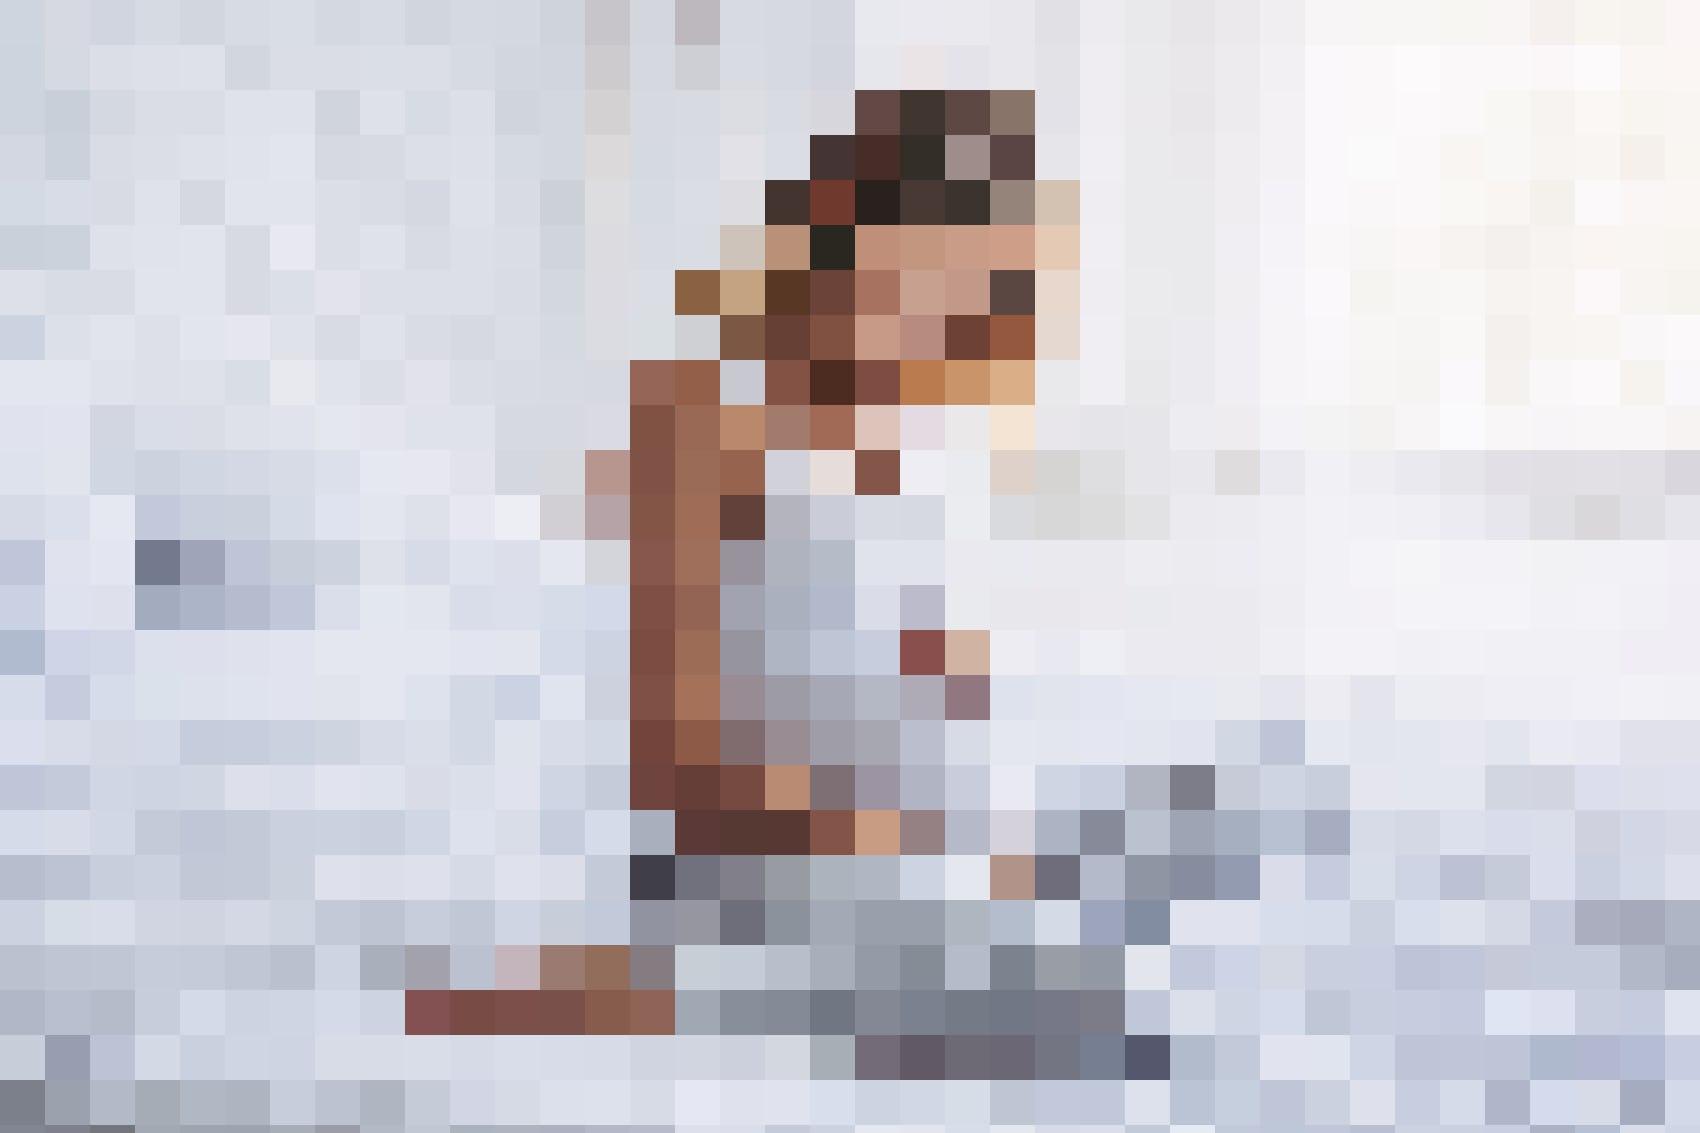 Nach der Geburt des Kindes ist Milch abpumpen und Beckenboden trainieren angesagt: Schwangere Frau.